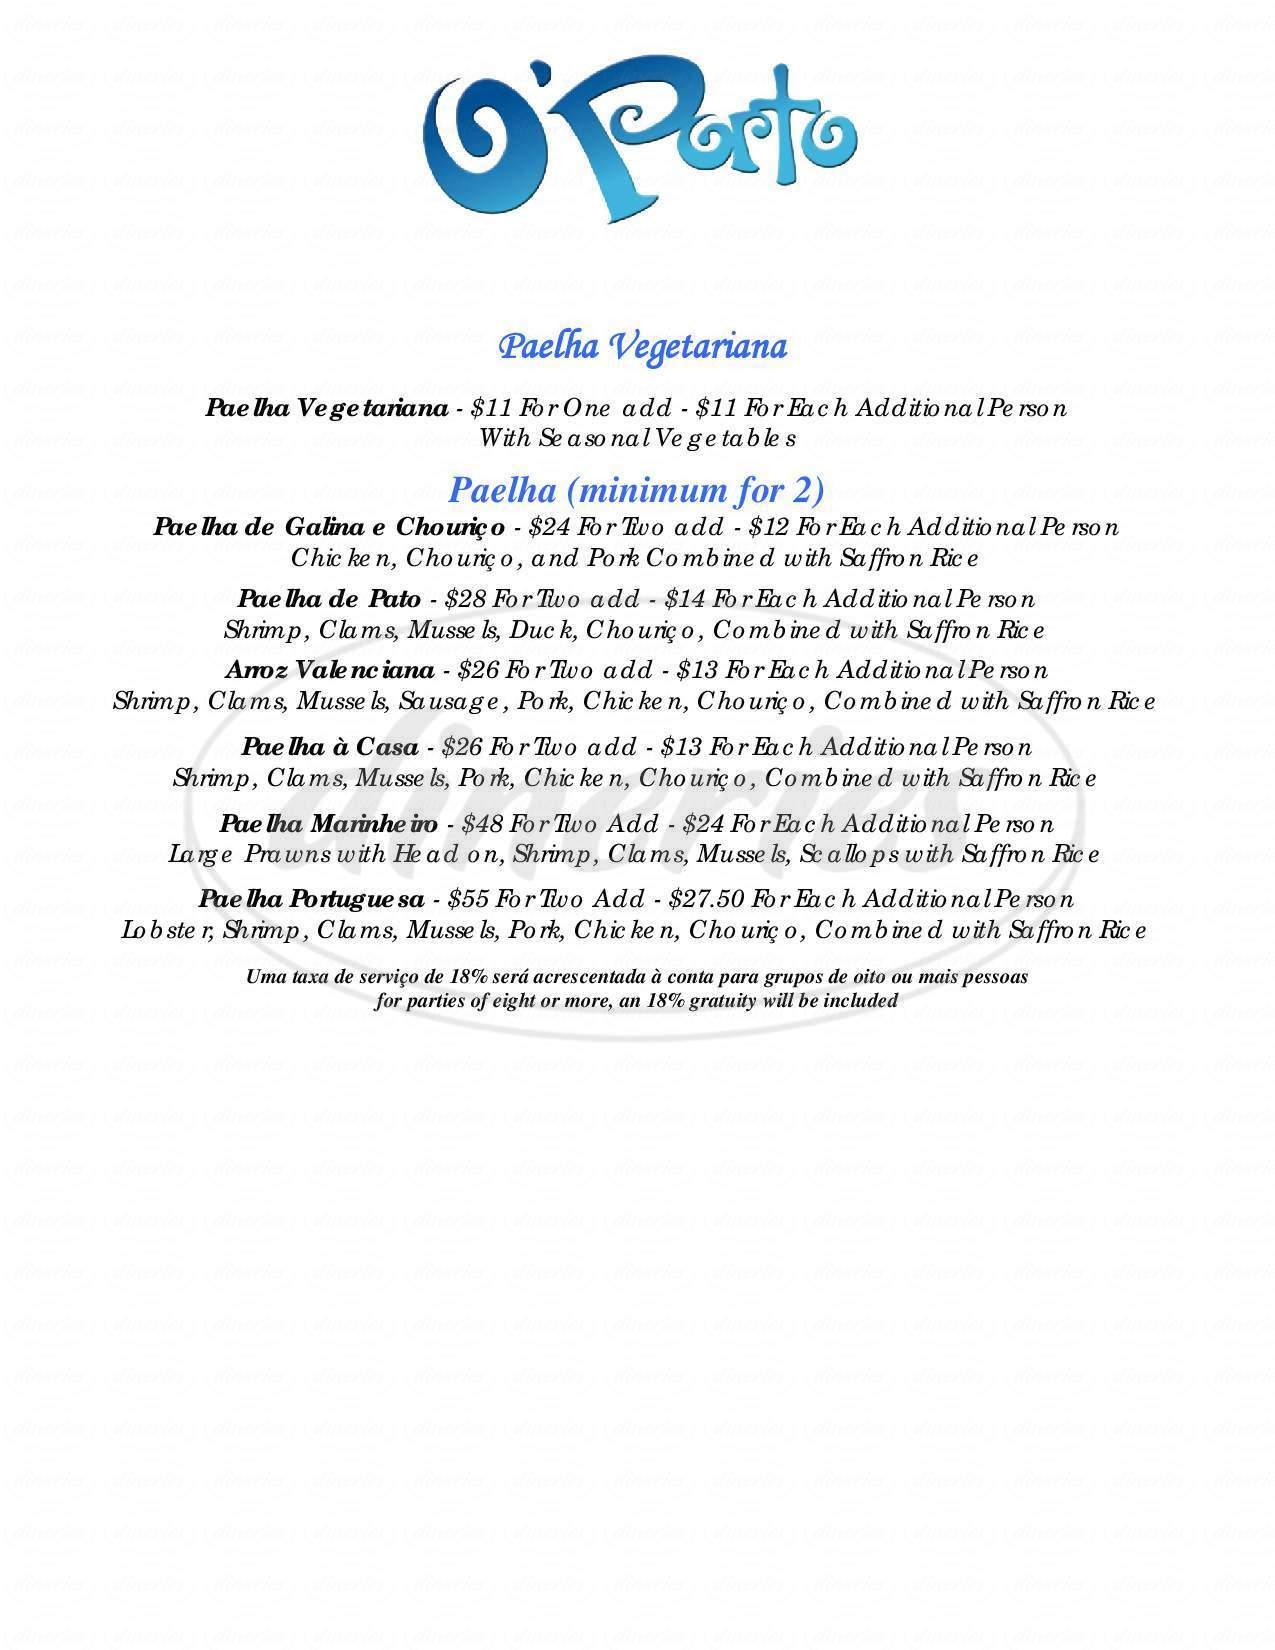 menu for O'Porto